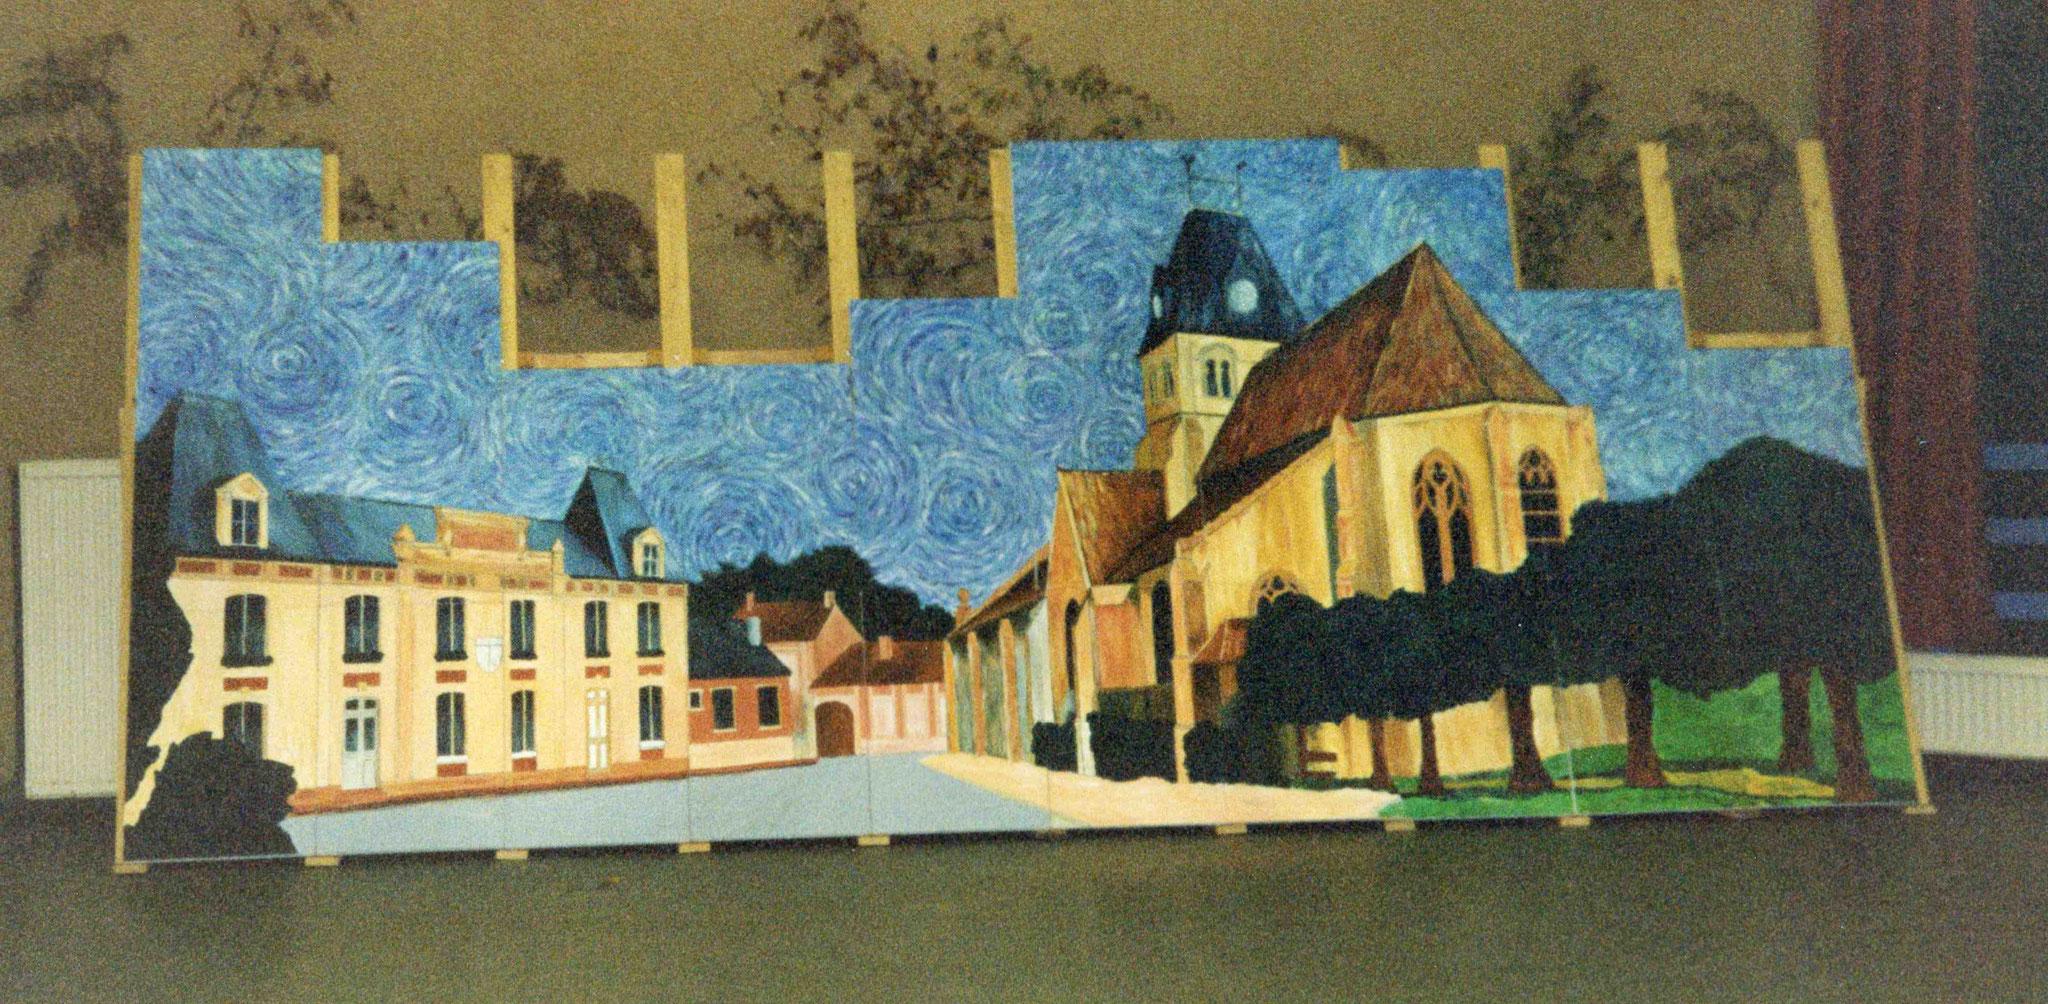 Première présentation de la fresque dans sa totalité